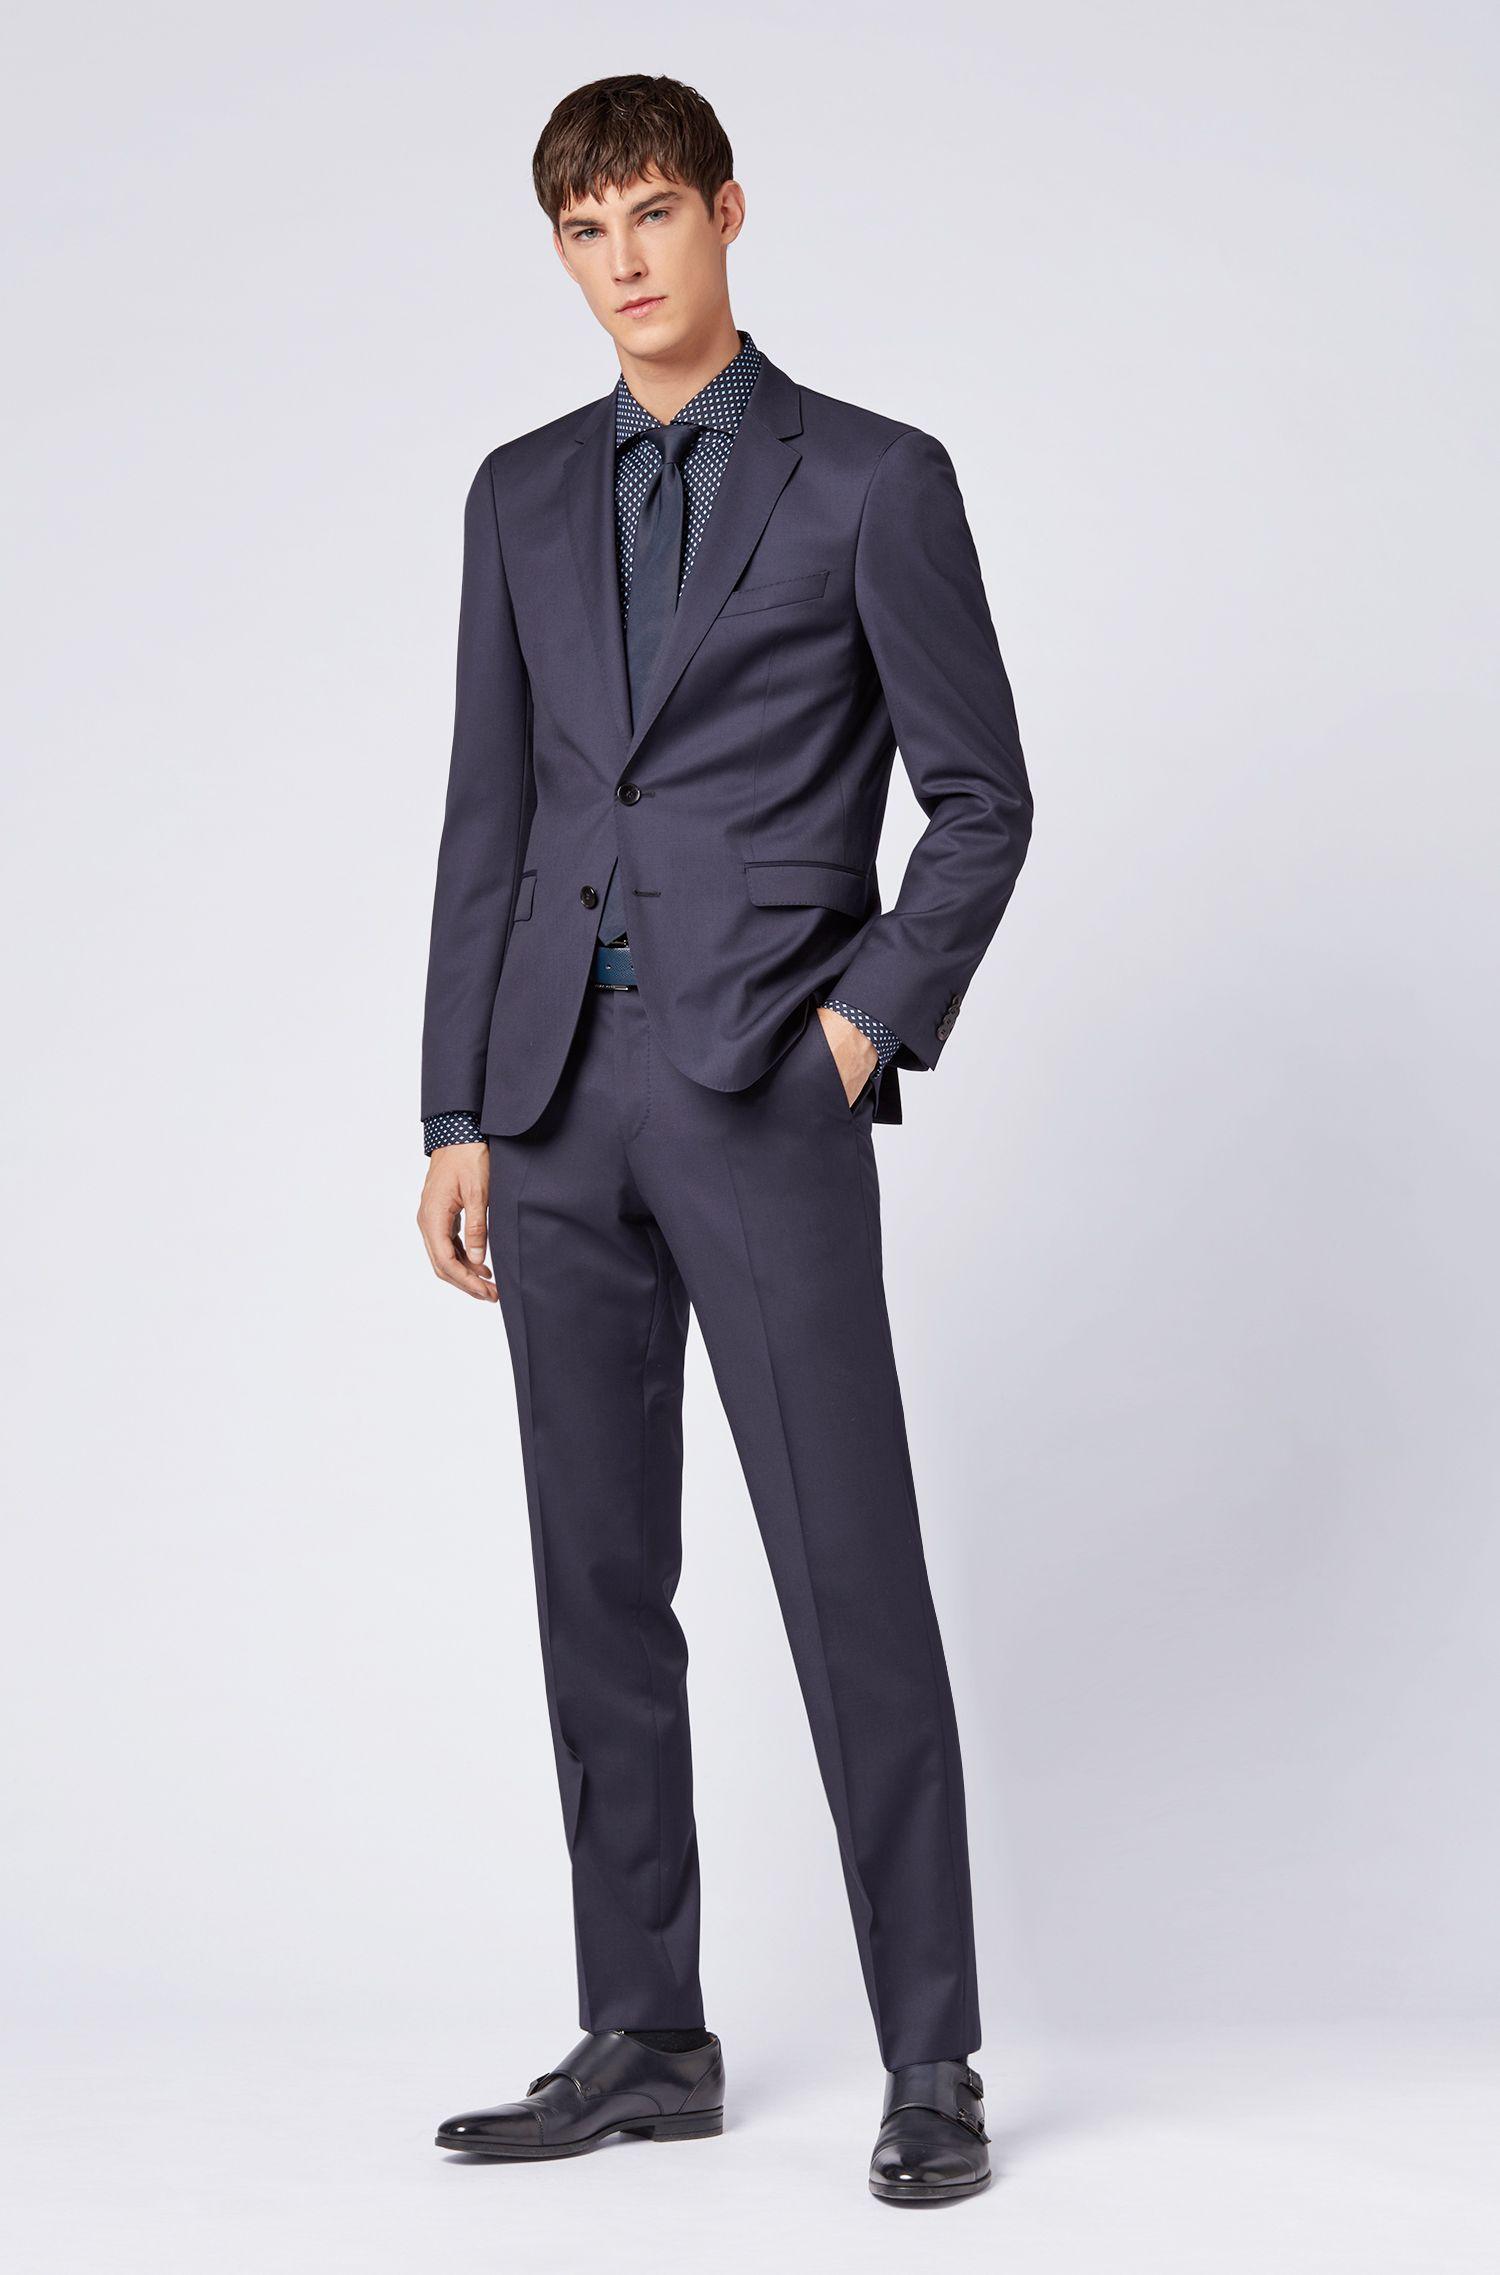 Slim-Fit Hemd aus italienischem Baumwoll-Satin mit Rauten-Print, Gemustert